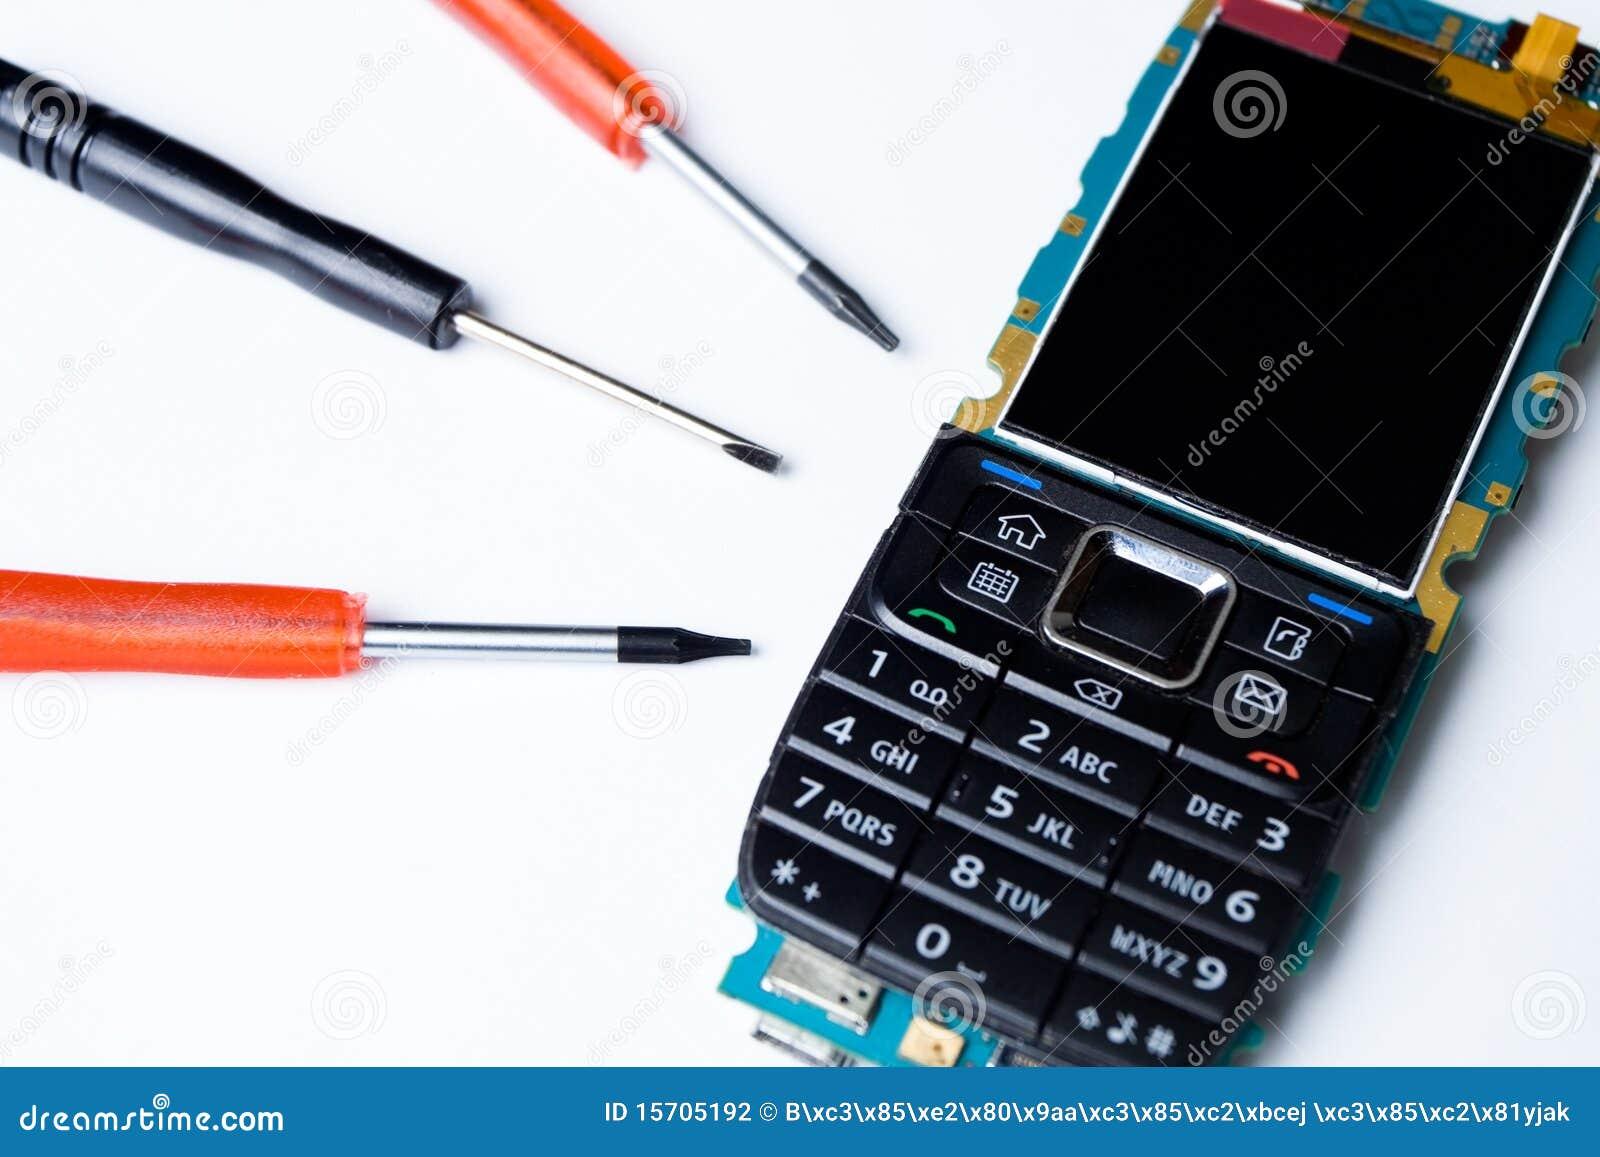 Outils de r paration de t l phone portable photographie stock image 15705192 - Reparation telephone plan de campagne ...